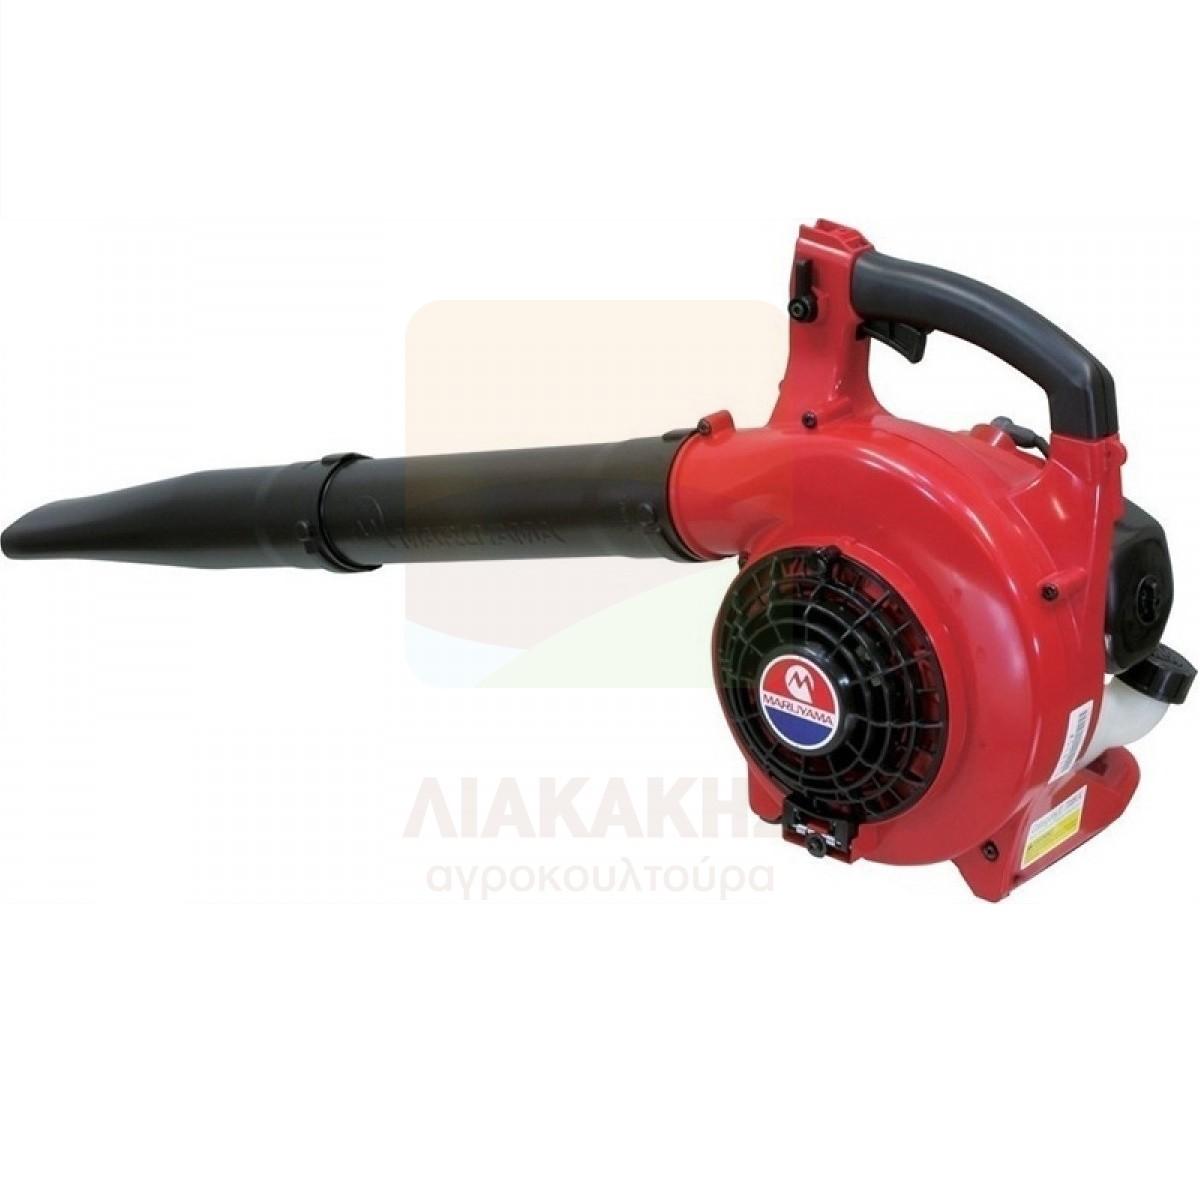 Φυσητήρας χειρός Maruyama BL-3110 (1.0 hp)